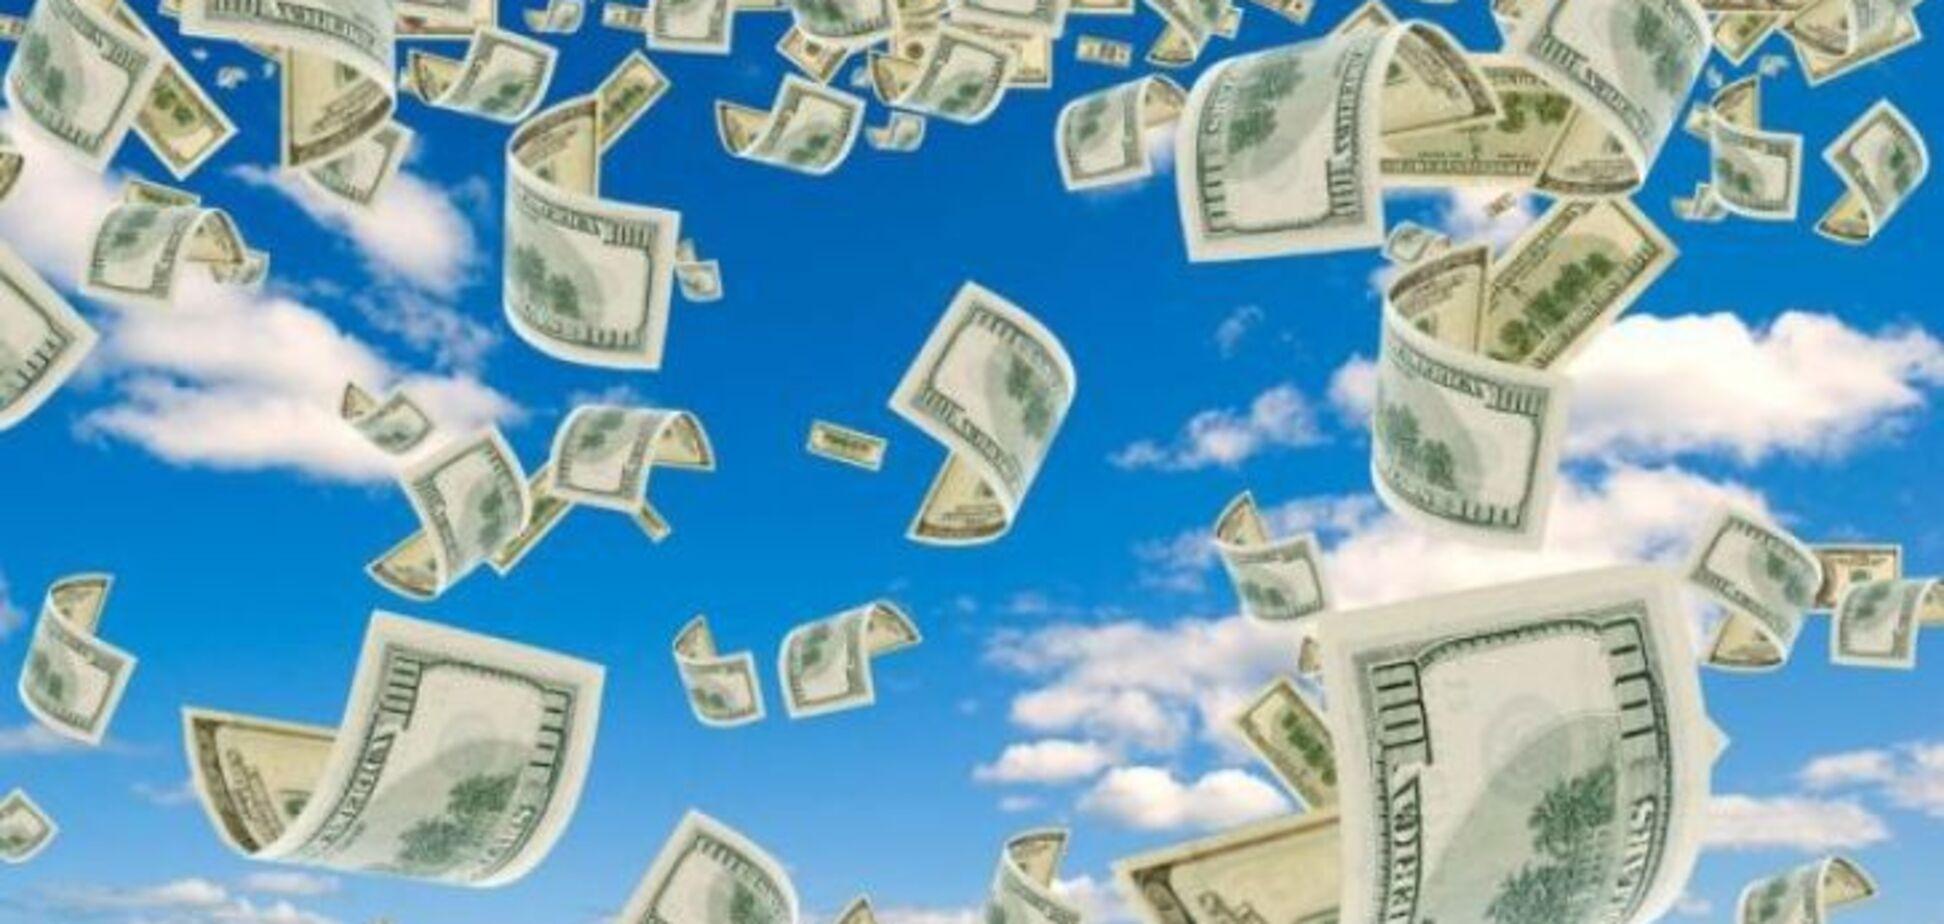 Деньги - зло, считают бедные. Деньги - инструмент, считают богатые